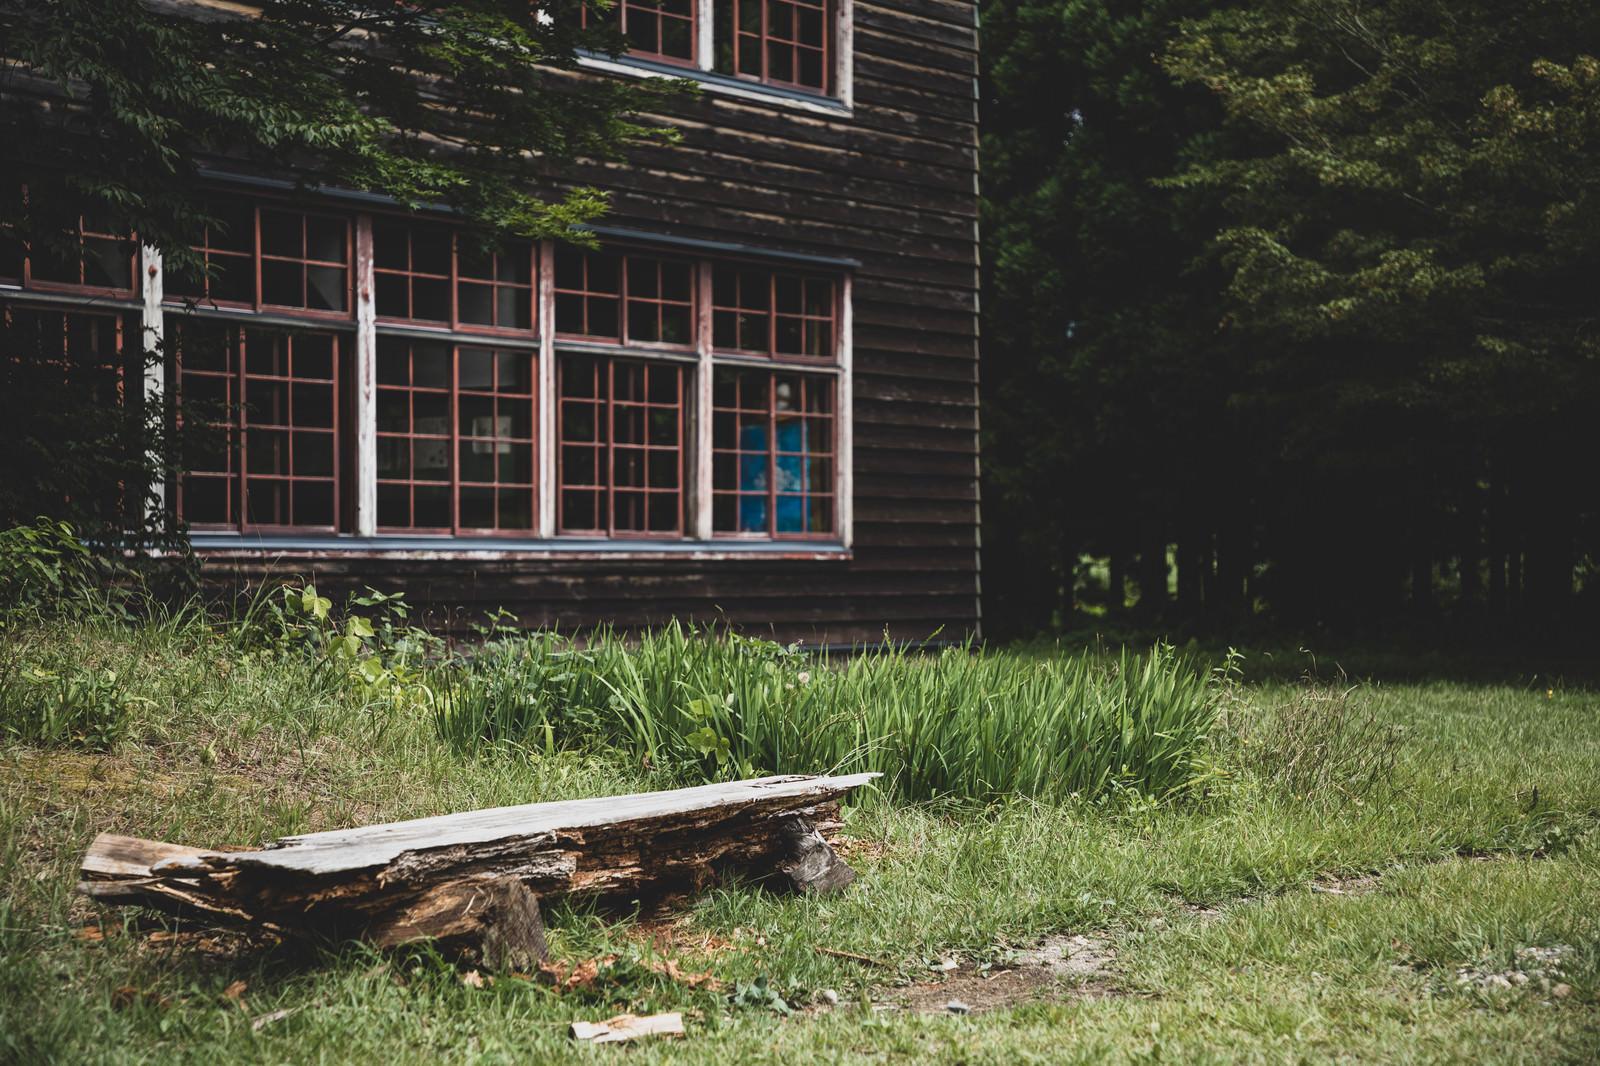 「廃校の一角と朽ち果てた丸太椅子」の写真